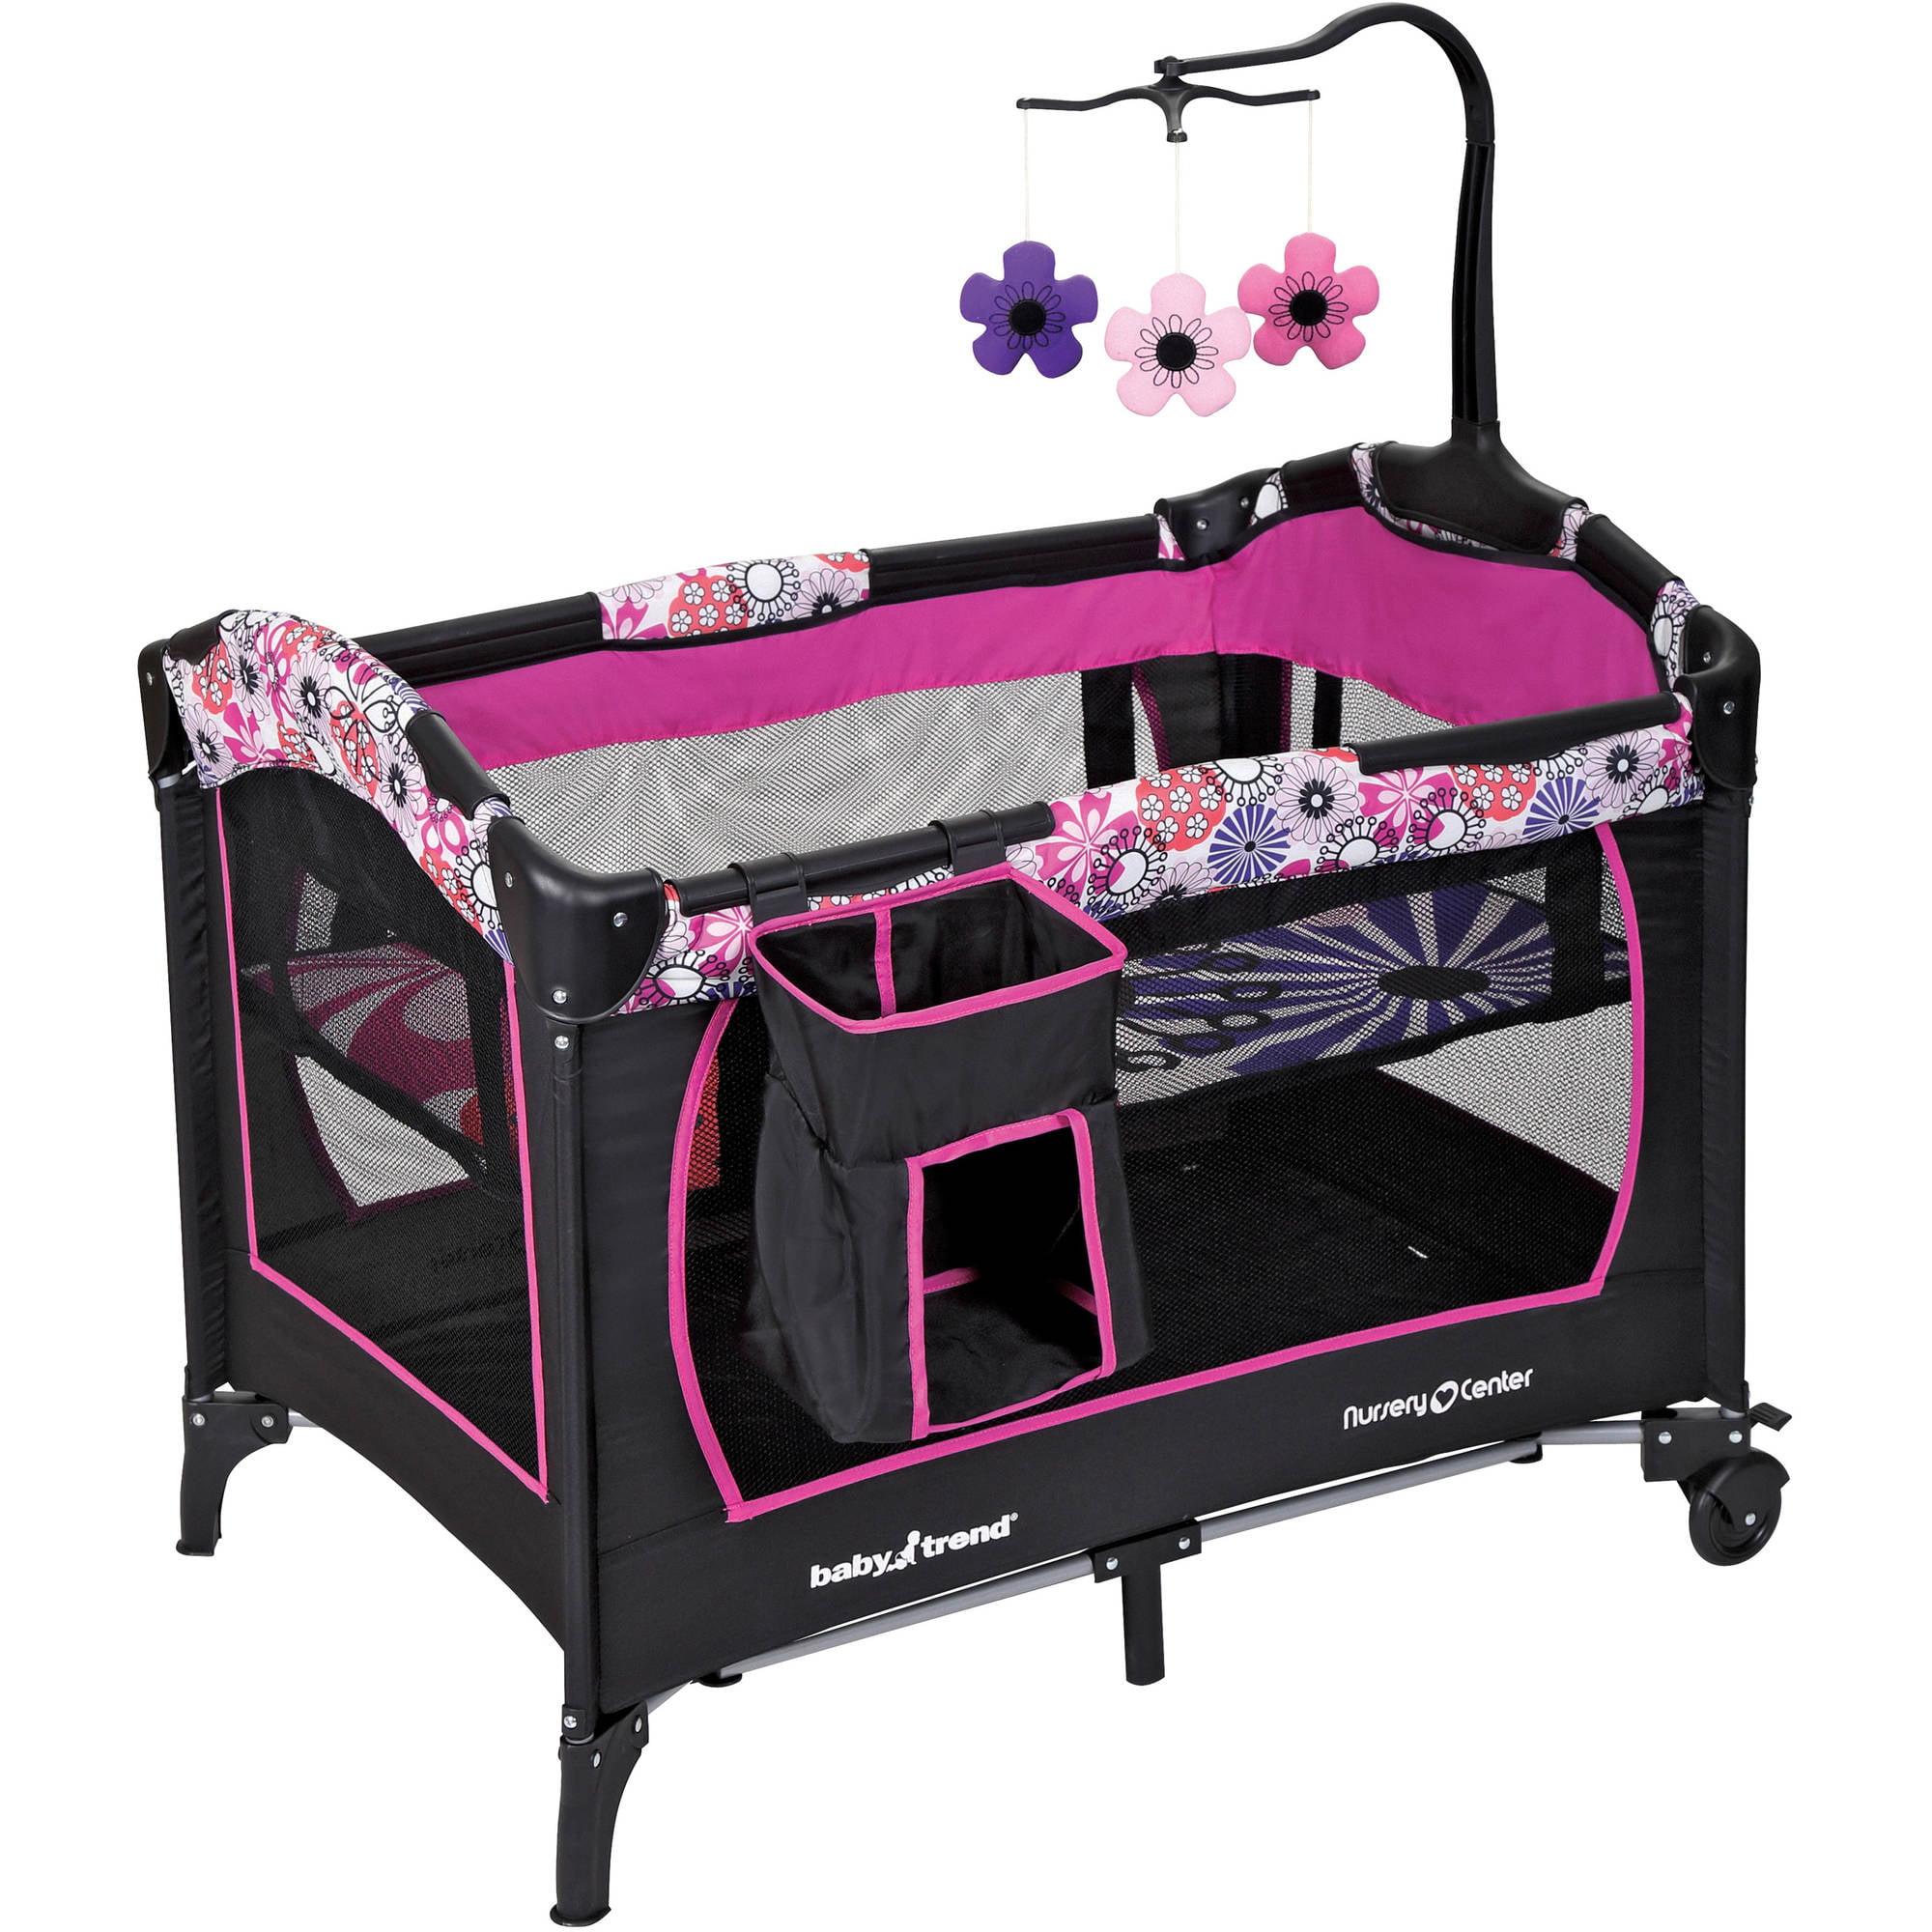 Baby Trend Nursery Center, Floral Garden